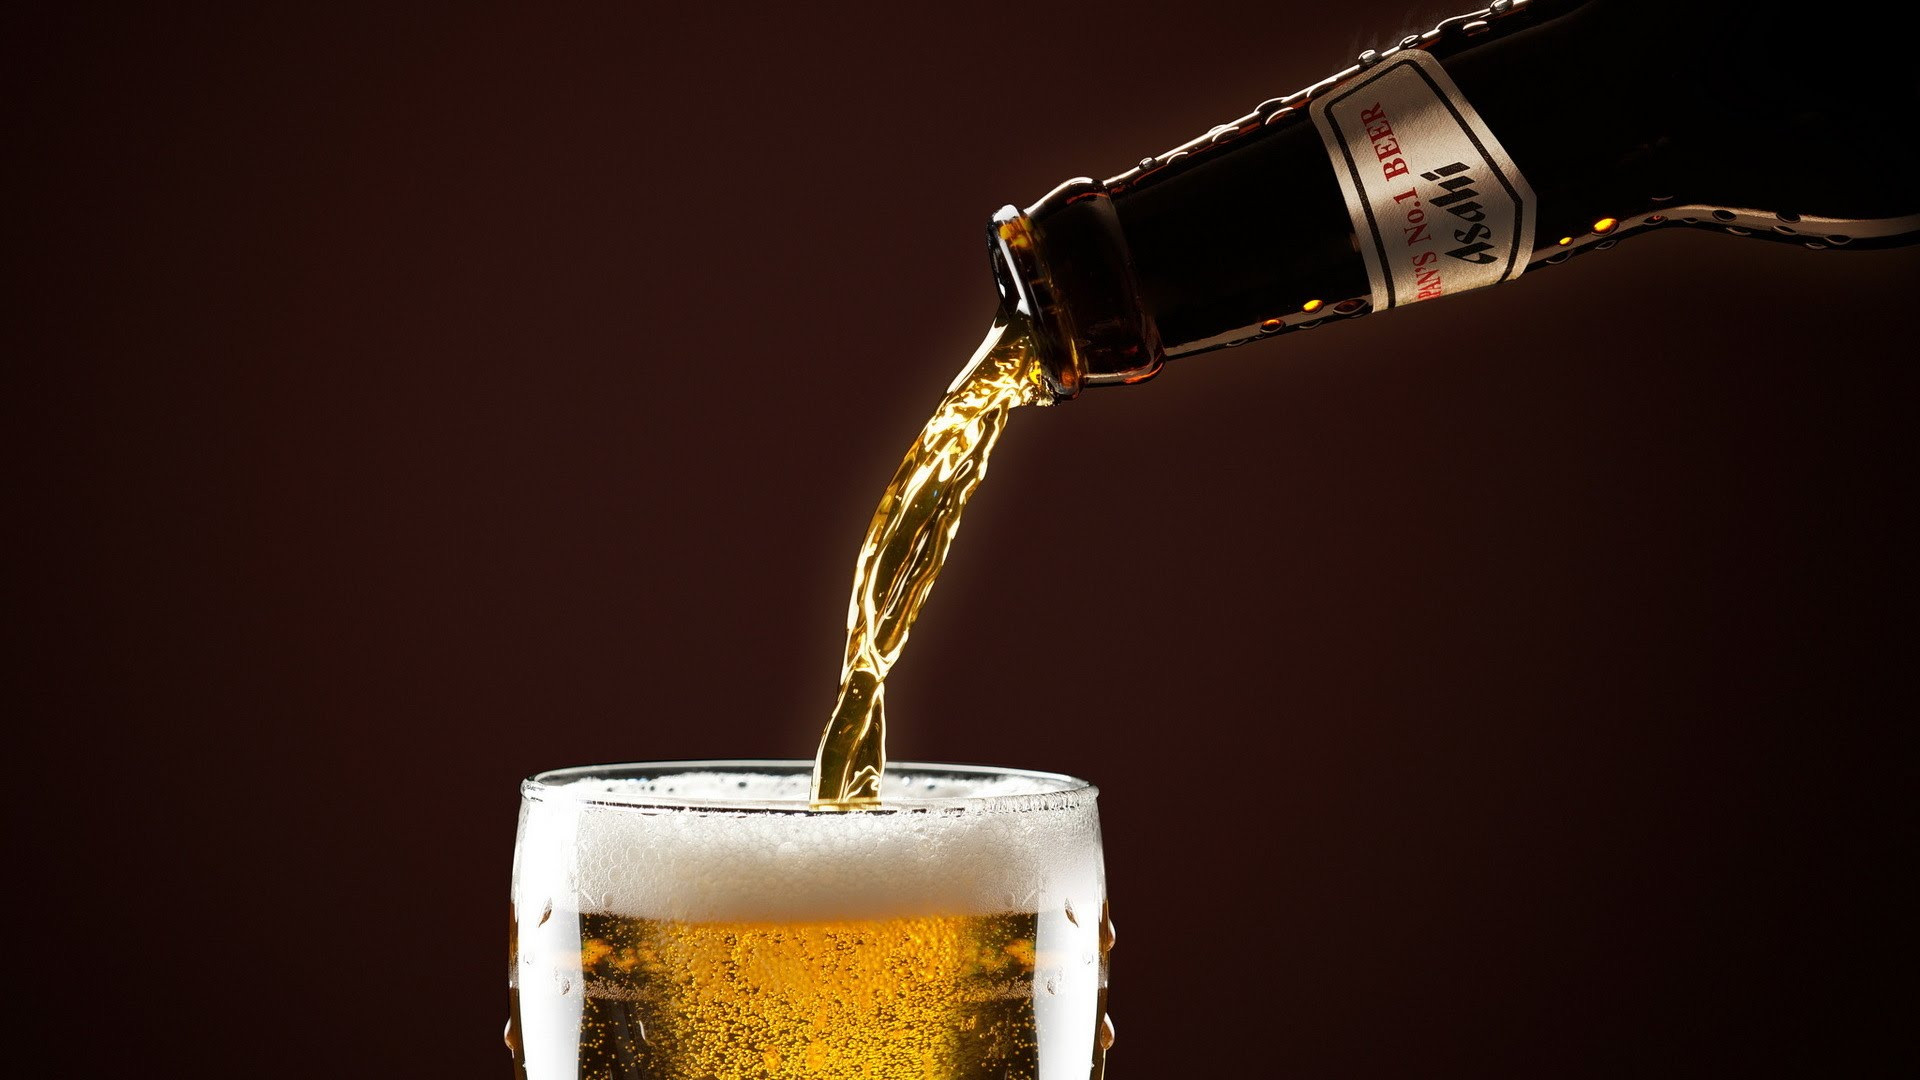 Красное вино итемное пиво понижают мужскую потенцию— Ученые